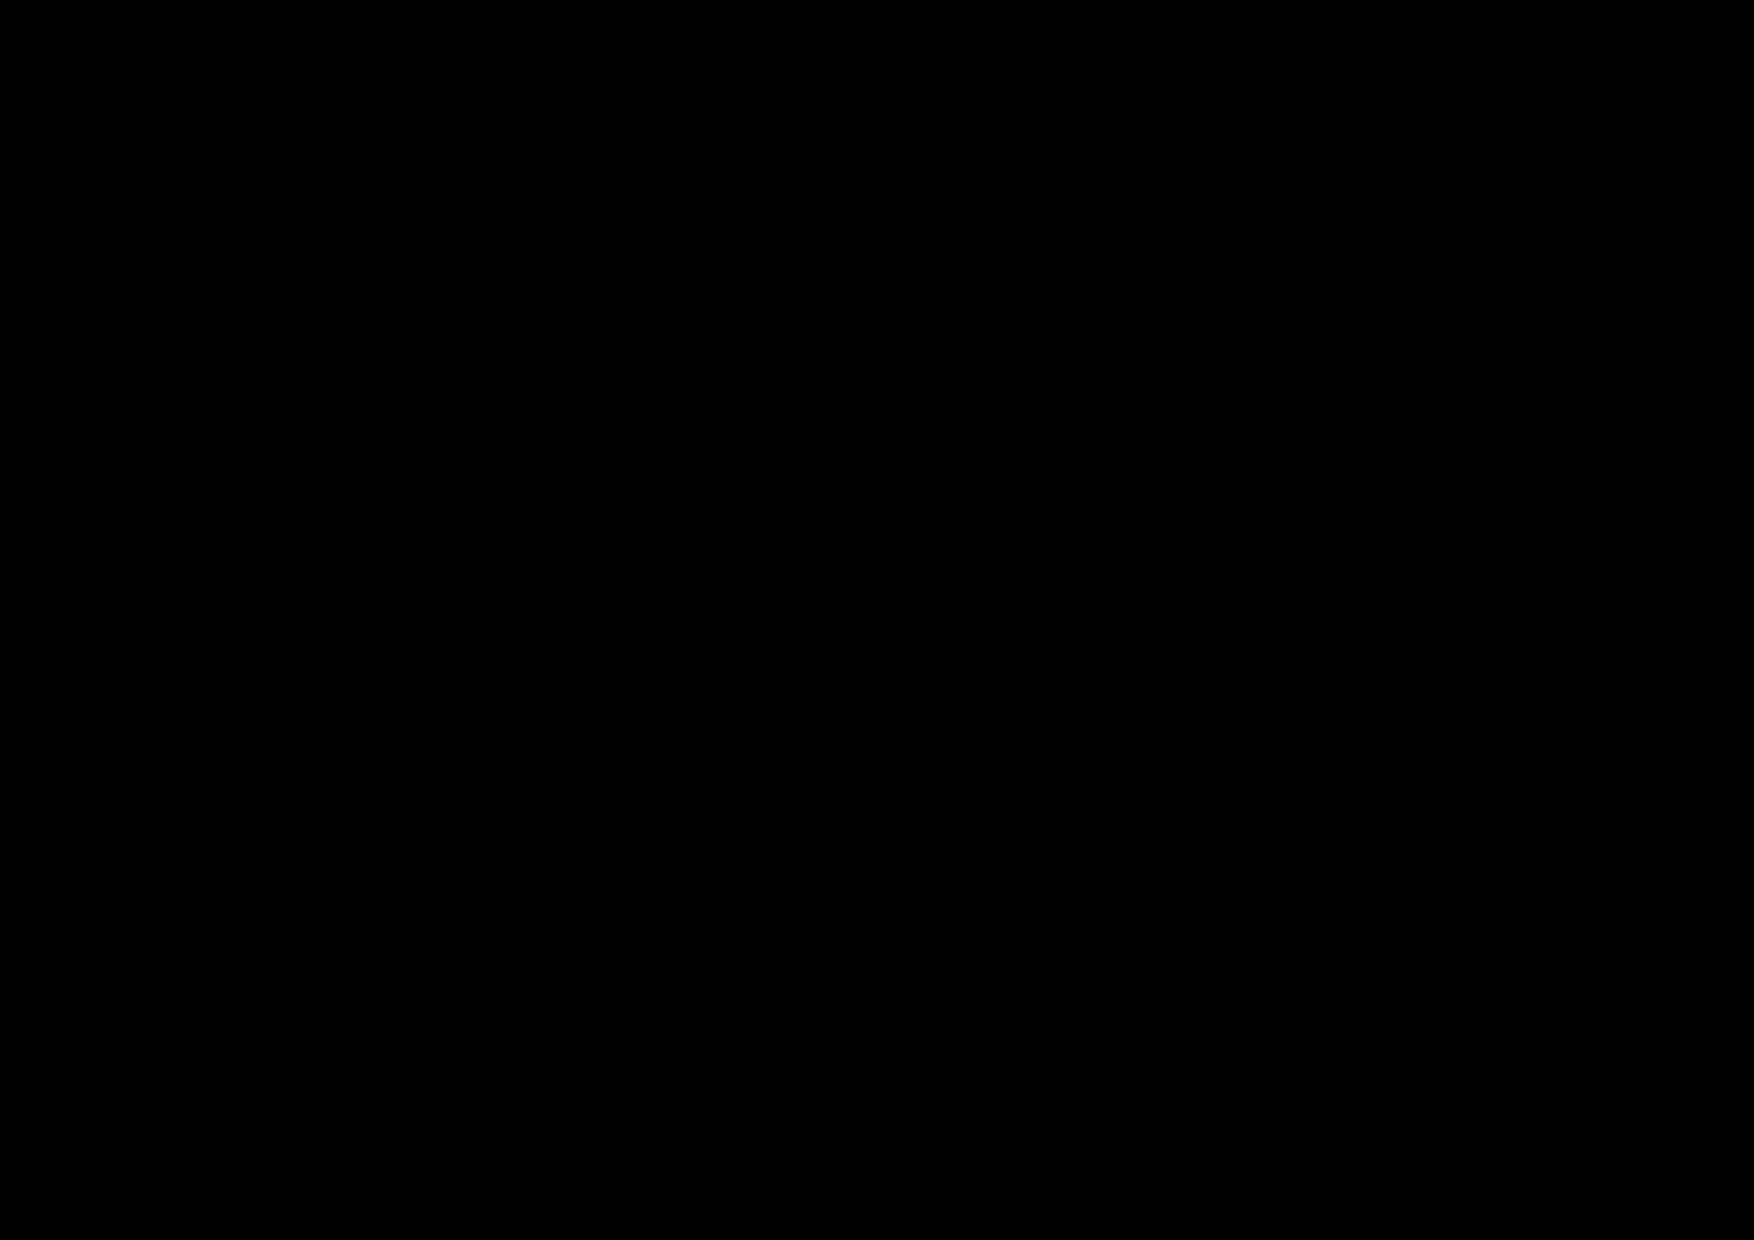 NATUREA logo